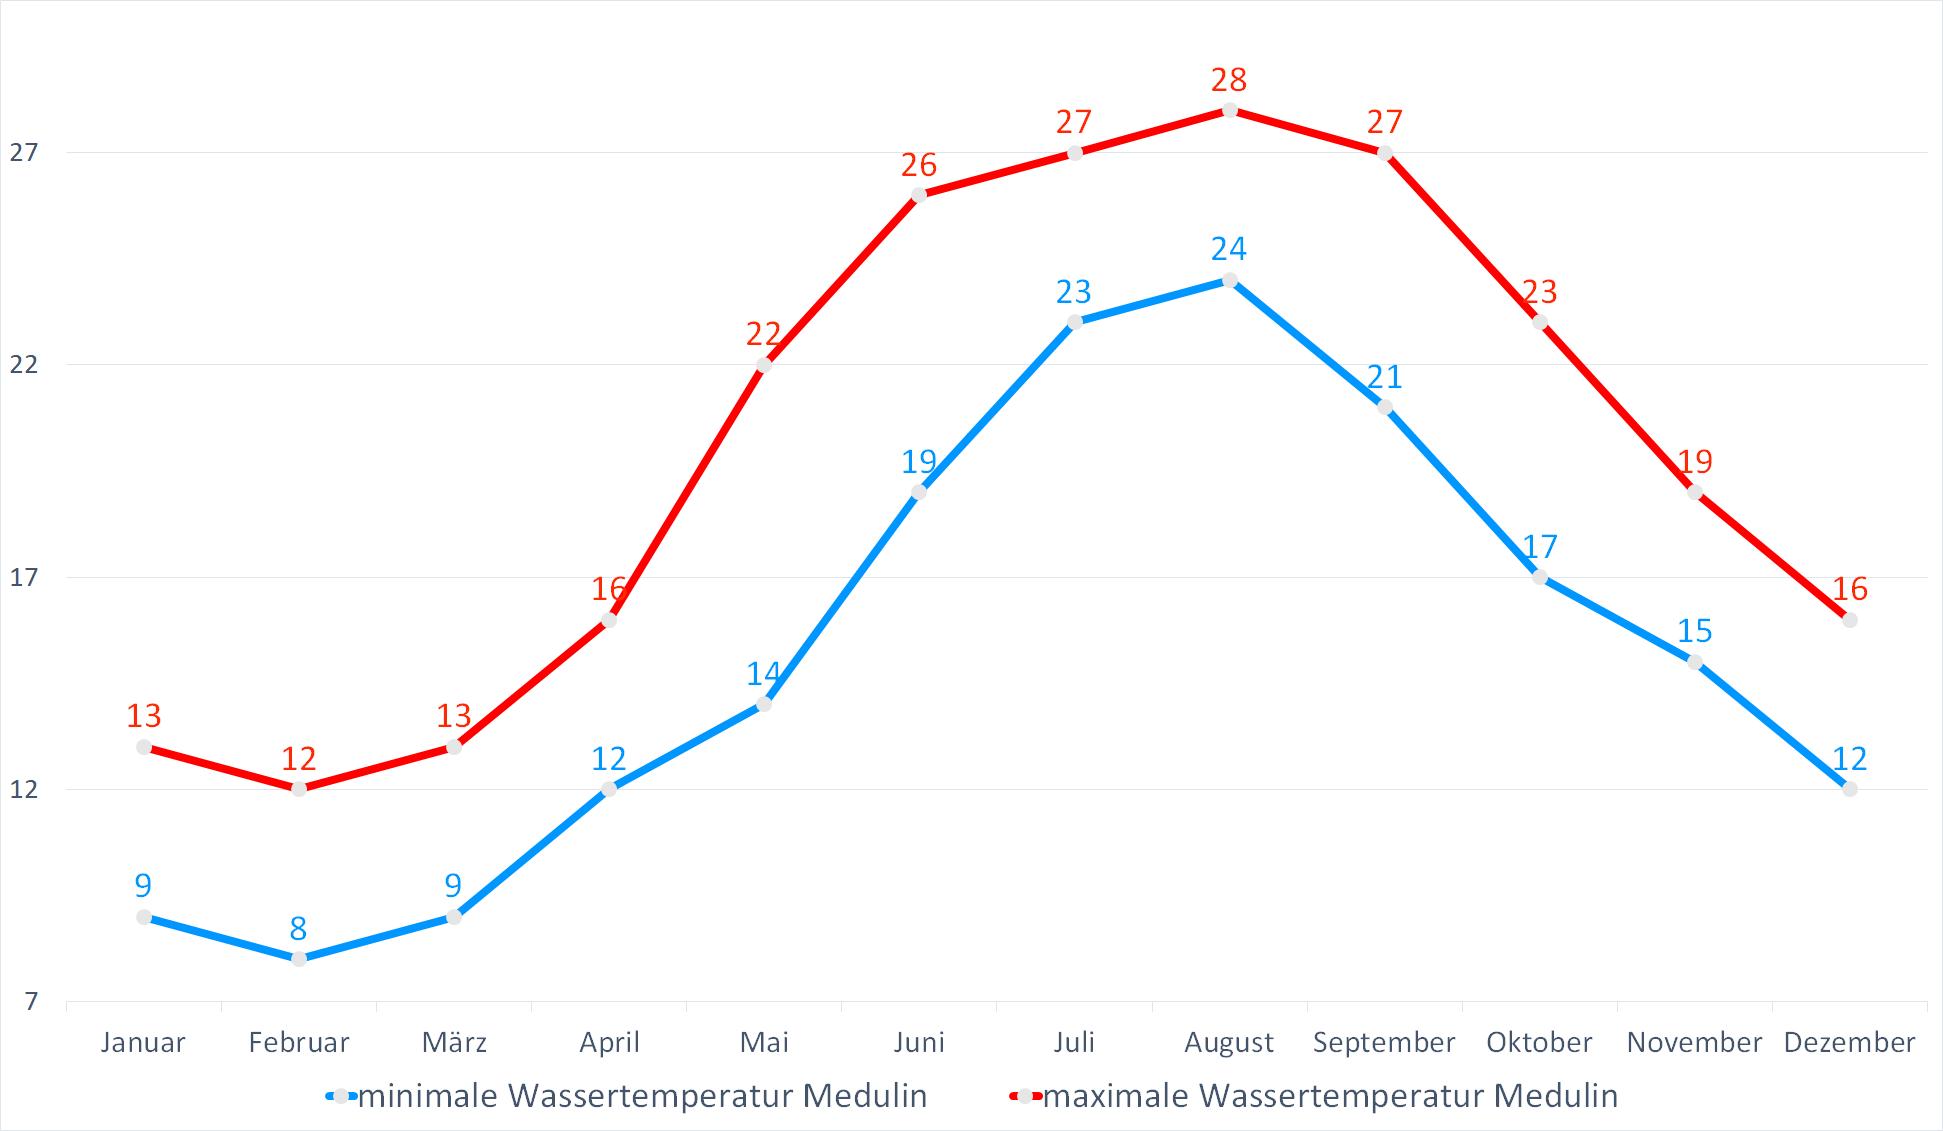 Minimale & Maximale Wassertemperaturen für Medulin im Jahresverlauf